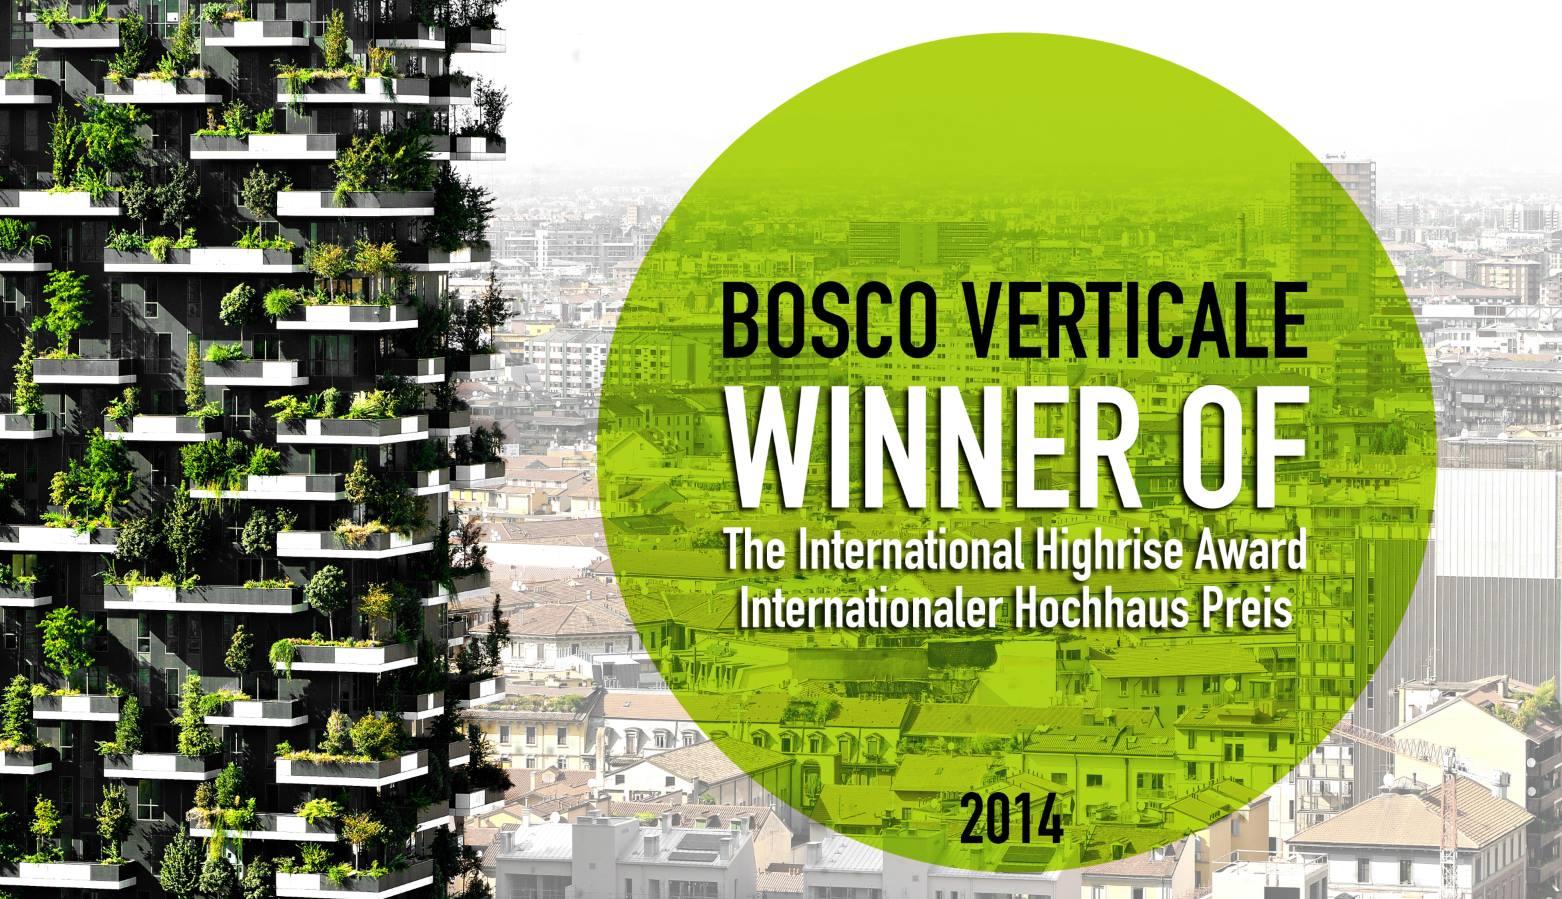 Il grattacielo pi bello del mondo il bosco verticale di for Bosco verticale architetto